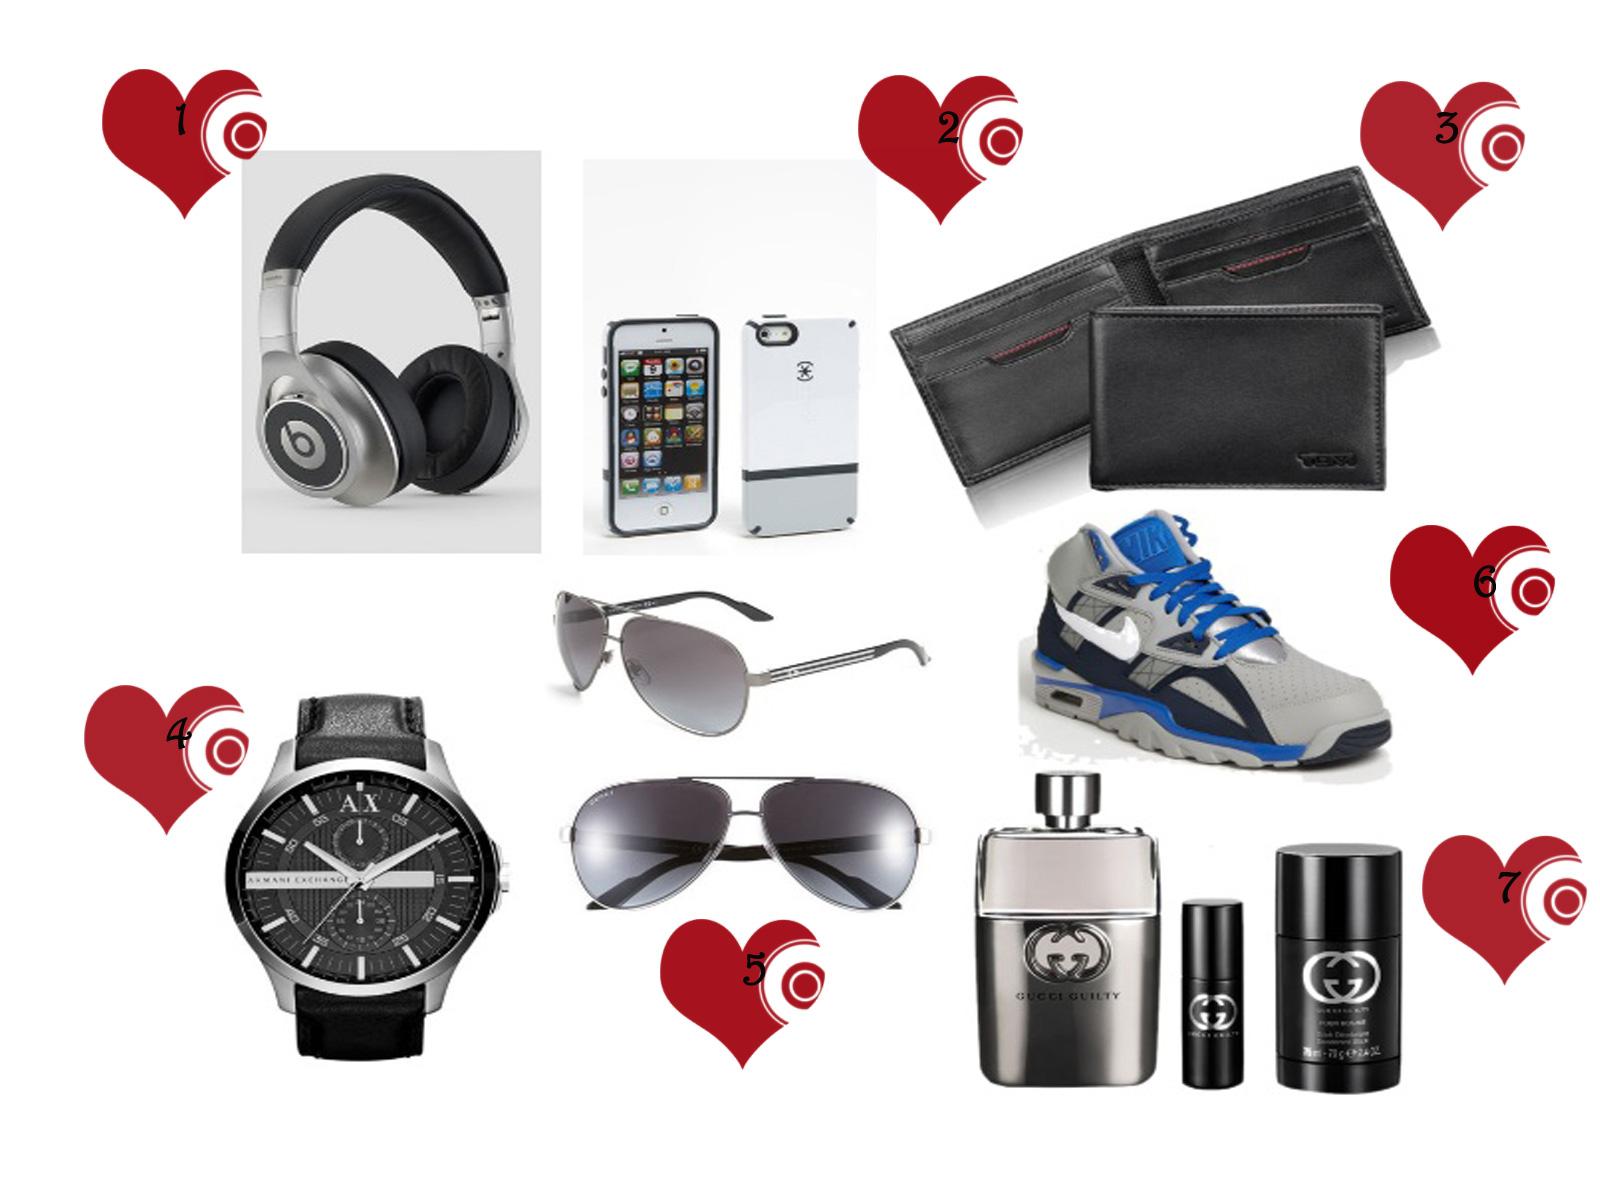 Happy Valentine's Day 2015 Gift for Him (Boyfriend-Husband) - Gadgets